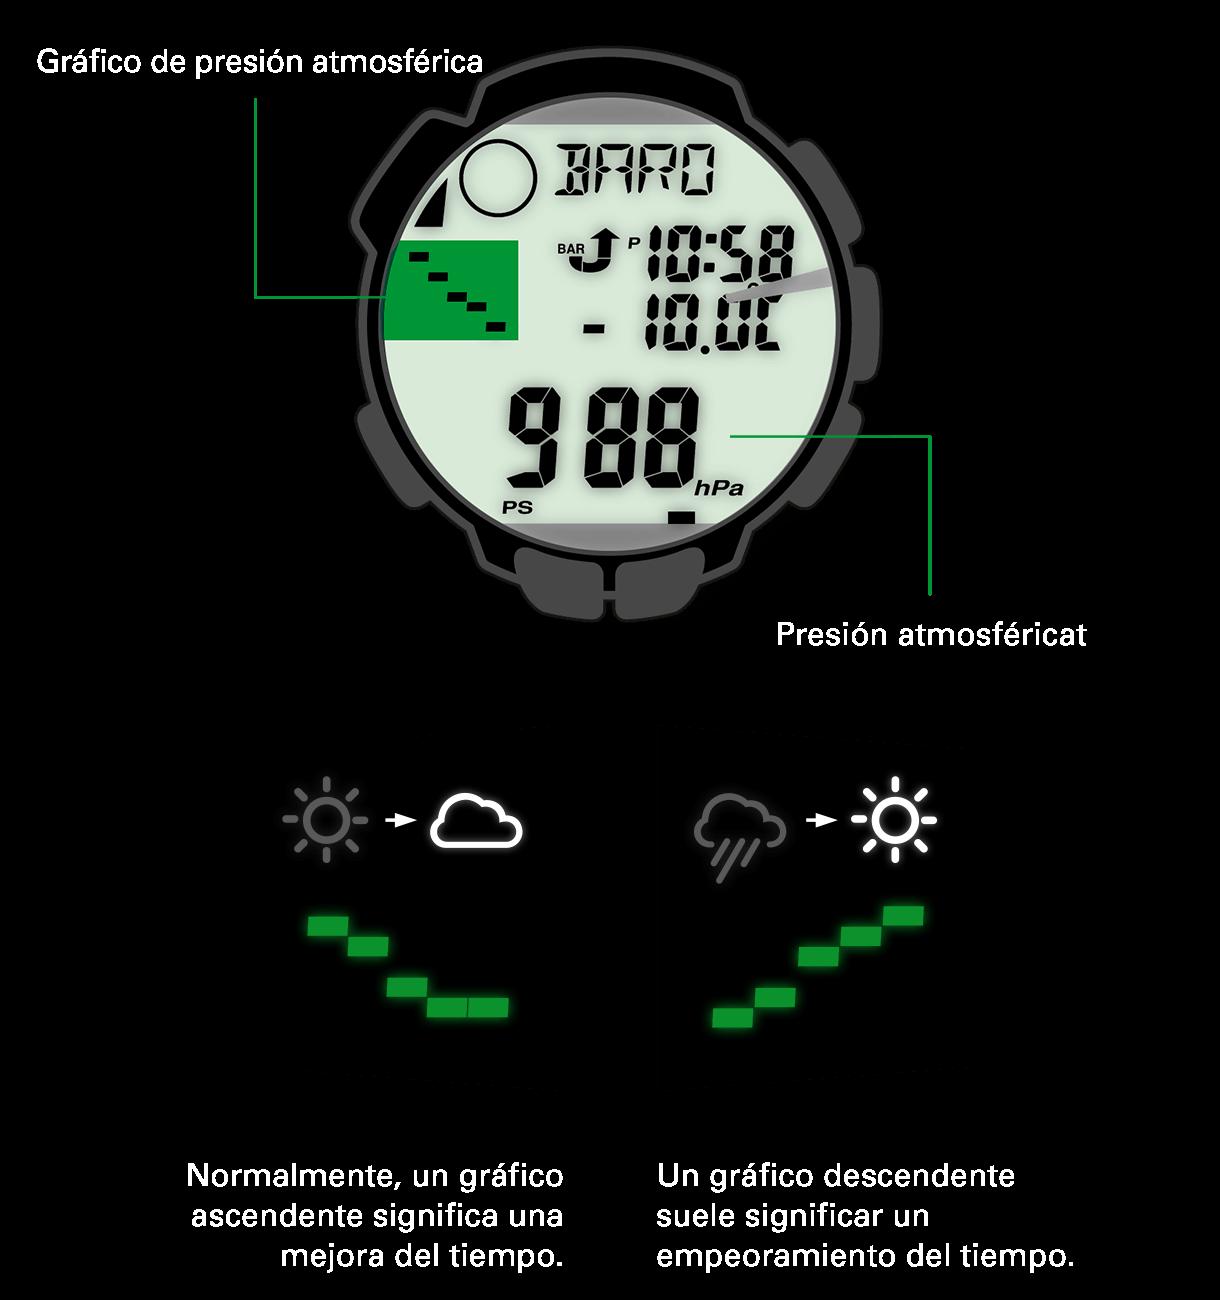 En función de si aumenta o disminuye la presión atmosférica, mejora o empeora el tiempo